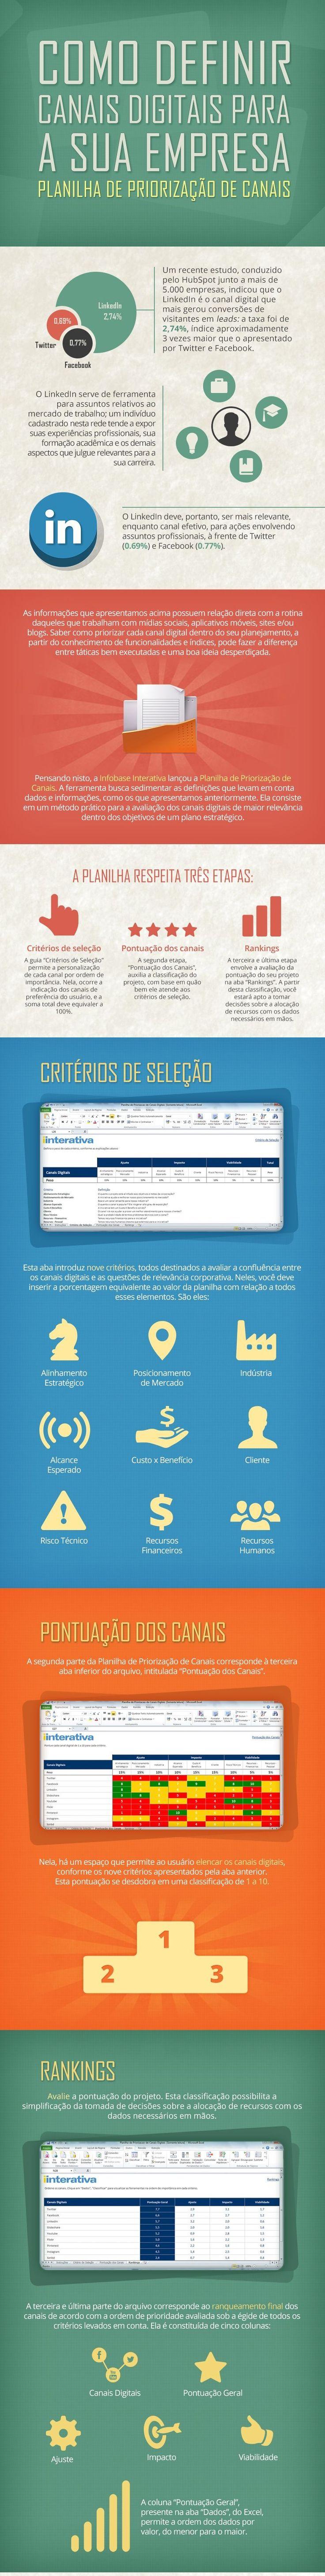 Planejamento de Comunicação Empresarial nas Mídias Sociais Leia os nossos artigos sobre Marketing Digital no Blog Estratégia Digital em http://www.estrategiadigital.pt/category/marketing-digital/